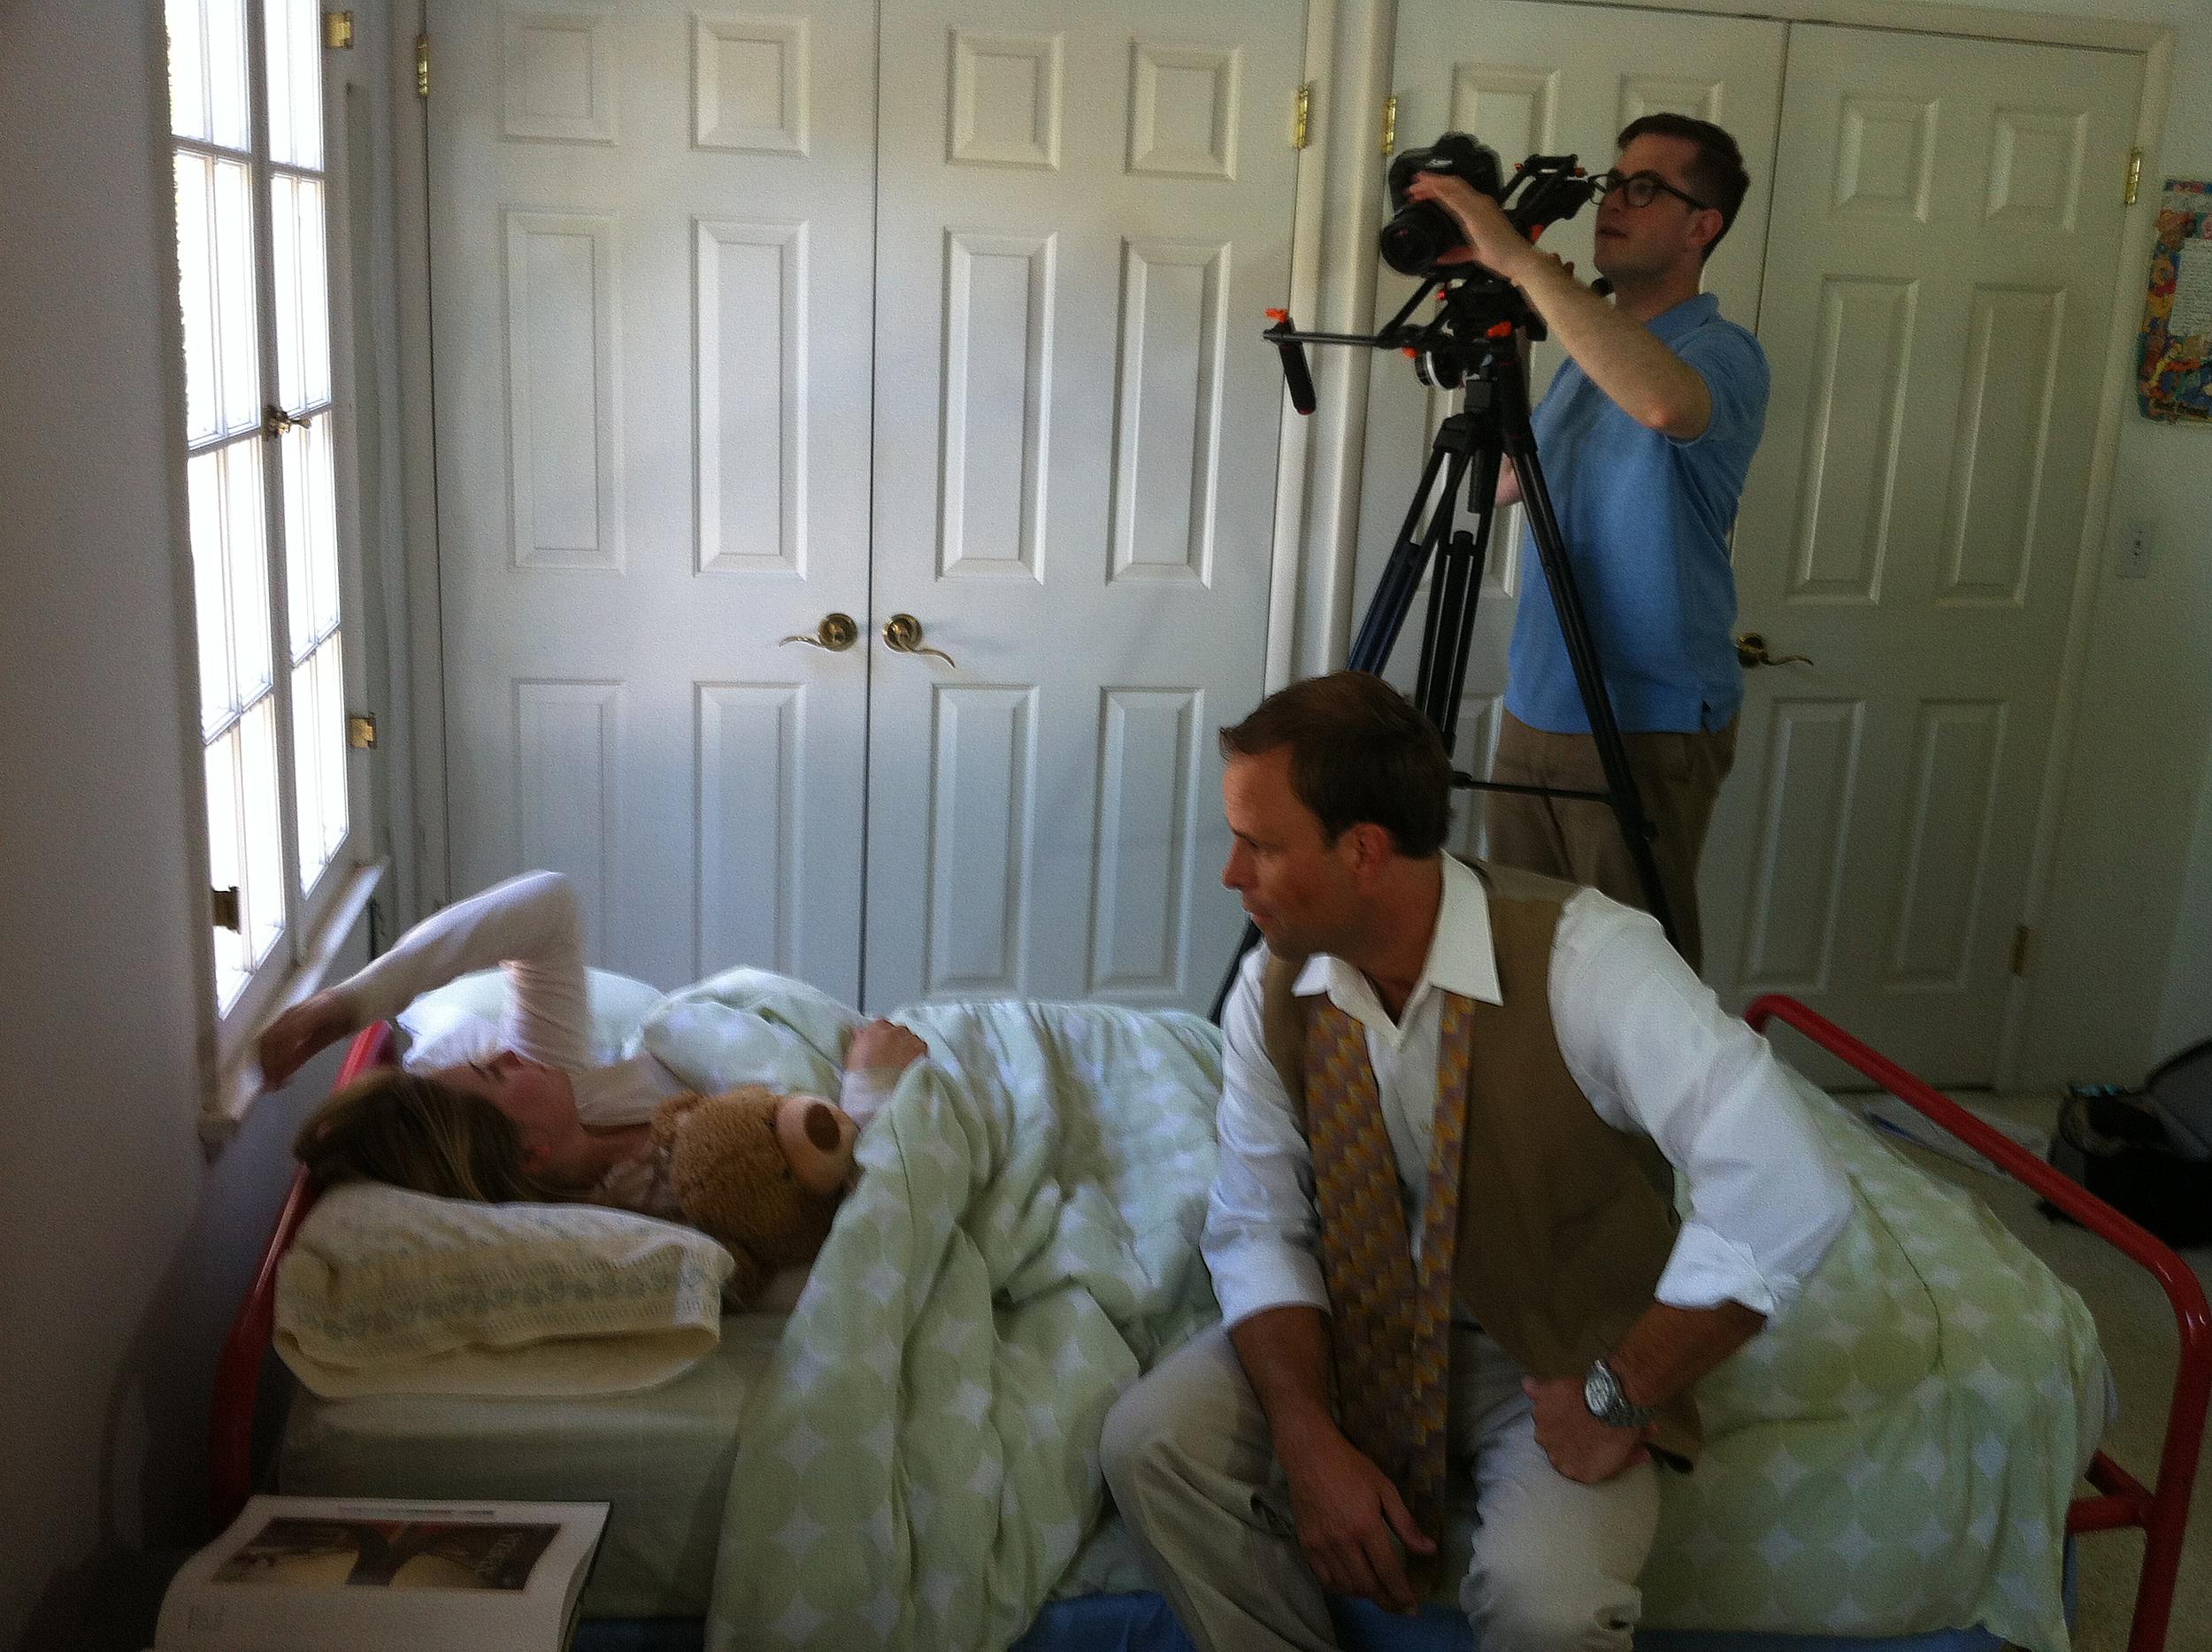 Director/DP Benjamin Walter shoots a scene with Jayna Sweet (Emily) and Matt Cooper (Dad) in Emily's bedroom.